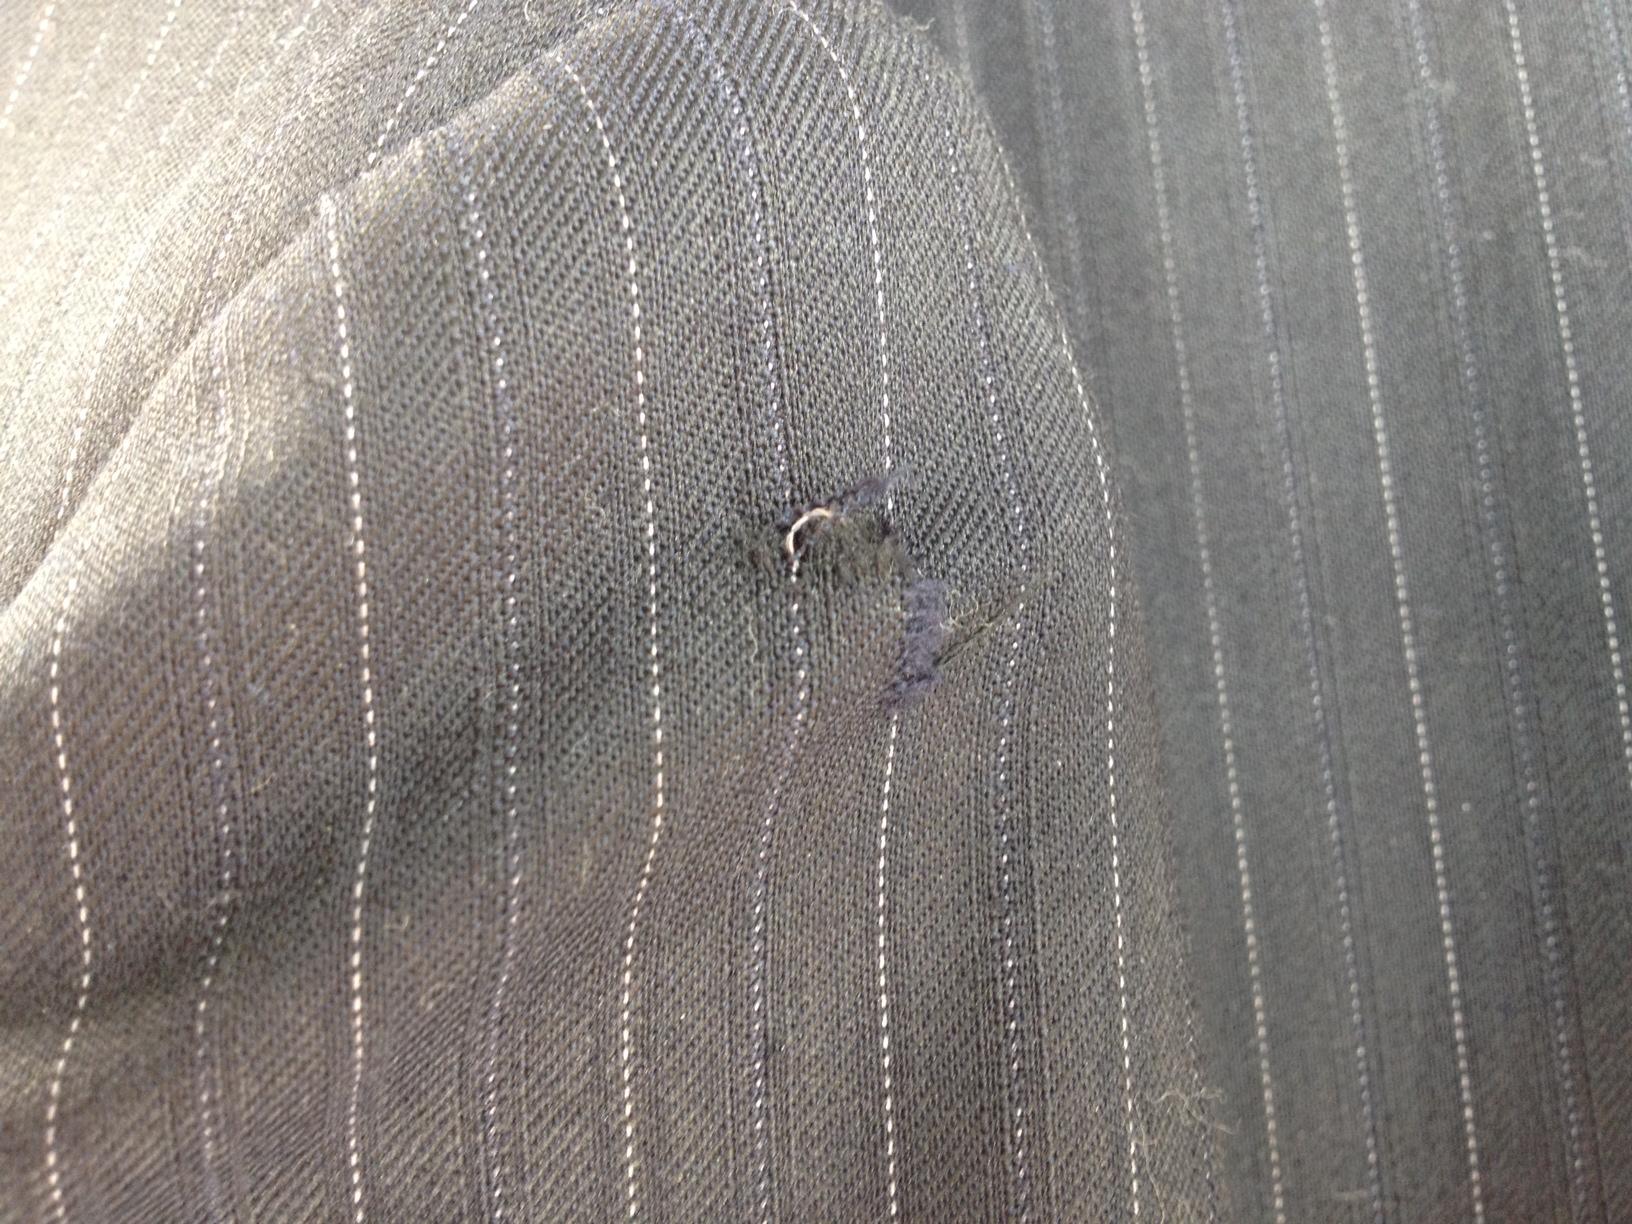 スーツ(ジャケット)の肩のひっかけた傷before